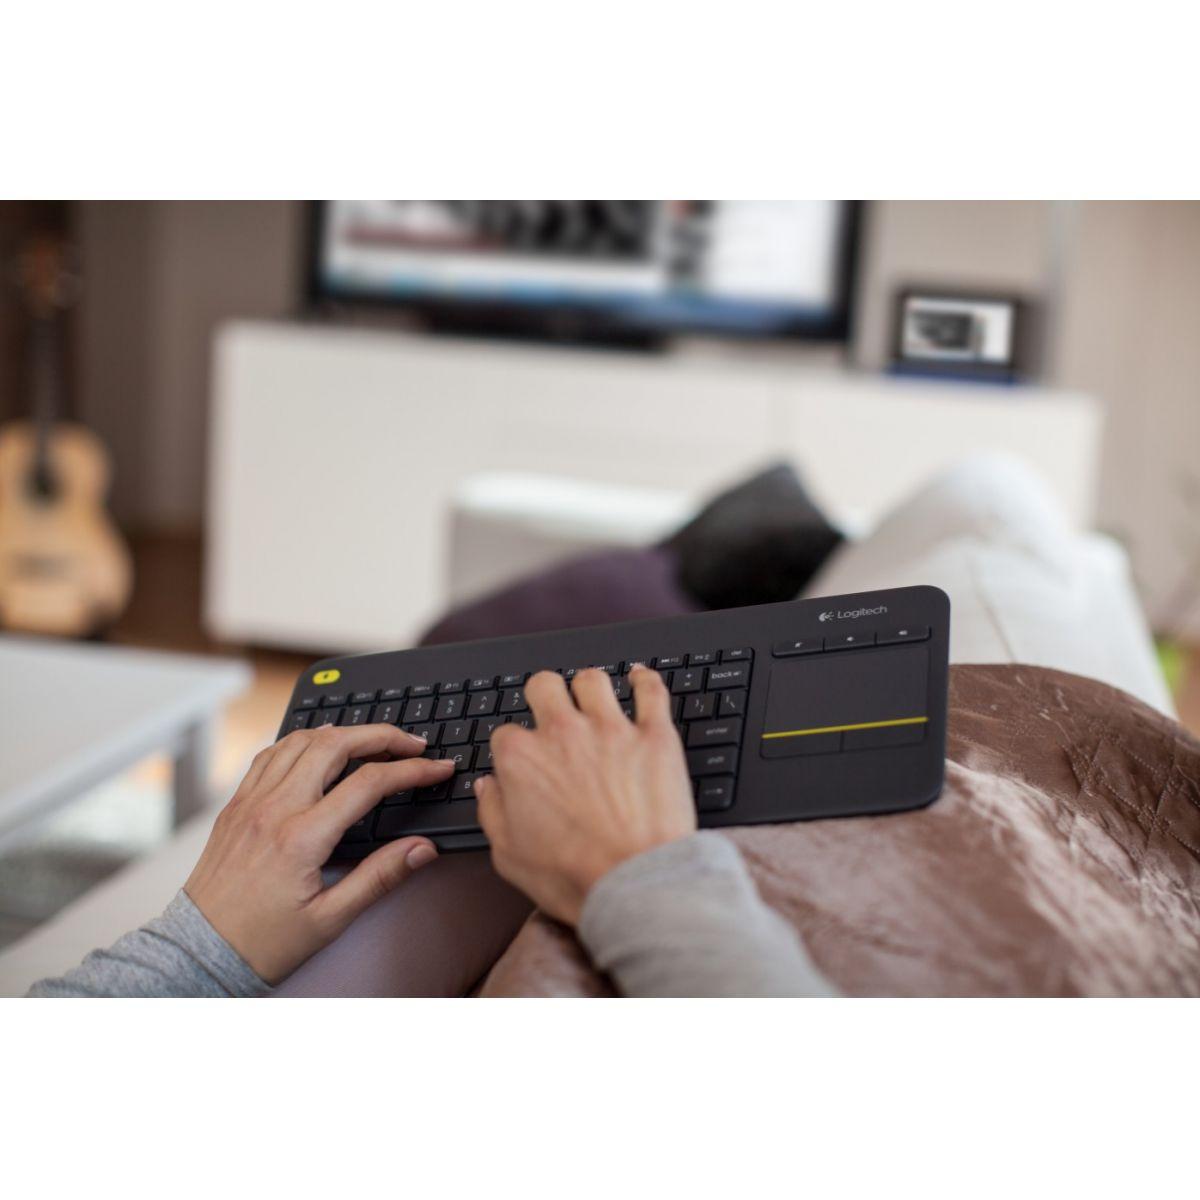 Teclado Wireless Logitech K400 Plus Touchpad P/ Smart Tv